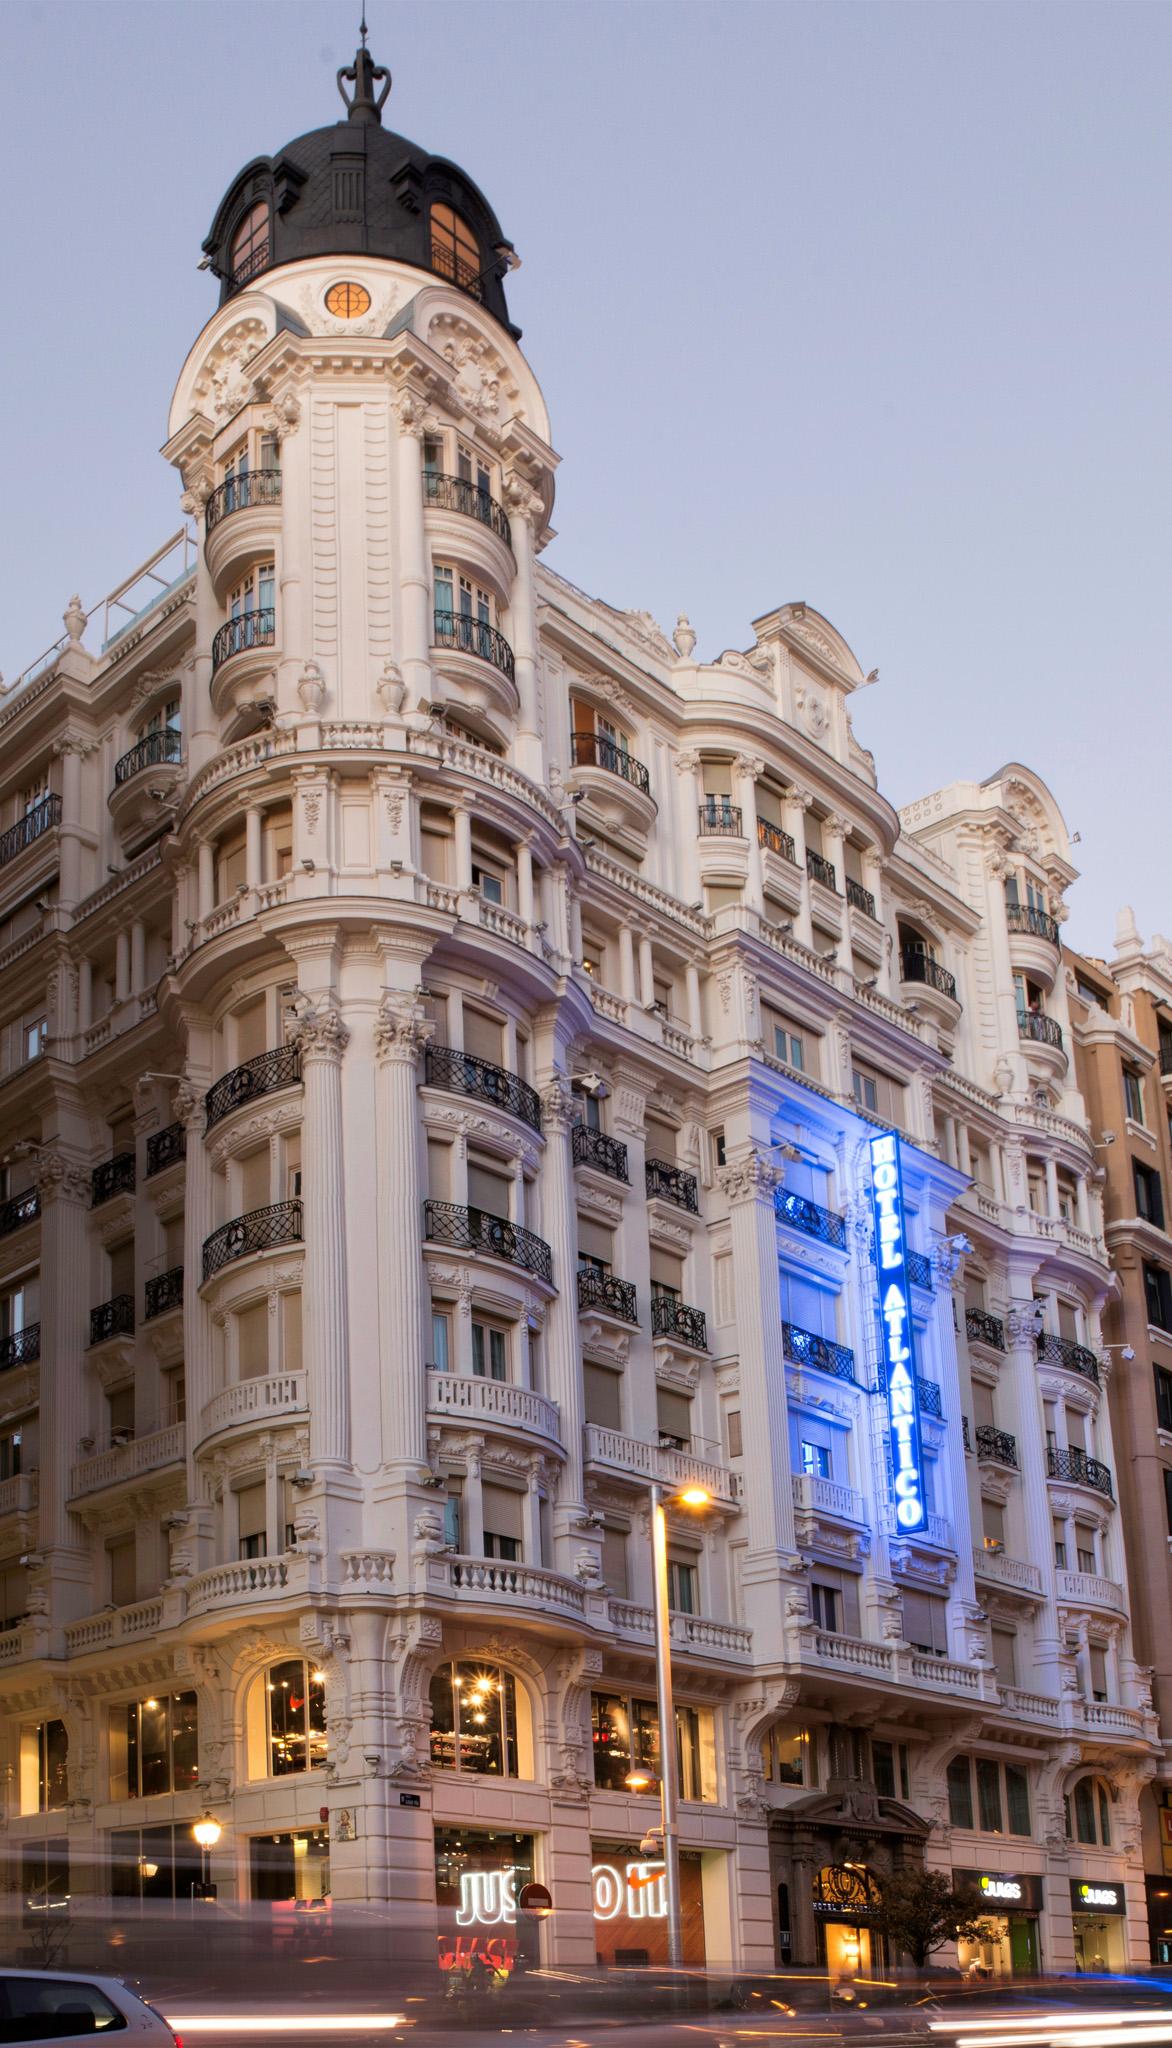 Hotel de lujo en gran via hotel atlantico madrid - Muebles epoca salamanca ...